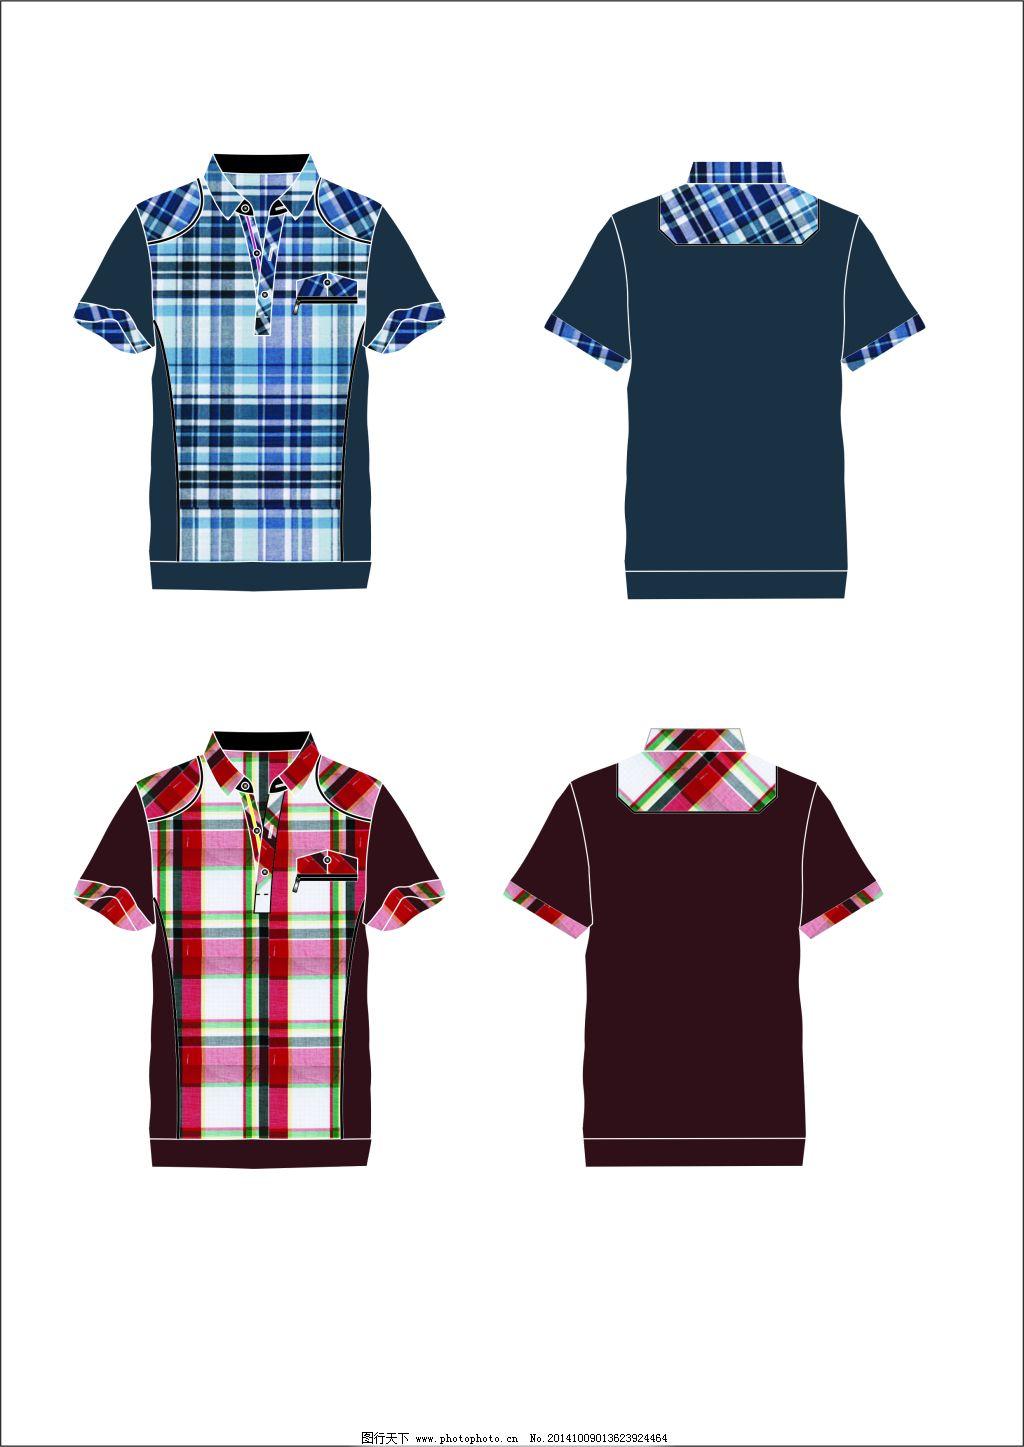 男夏季半袖t恤 短袖 服装款式图 服装效果图 服装设计稿 服装设计图